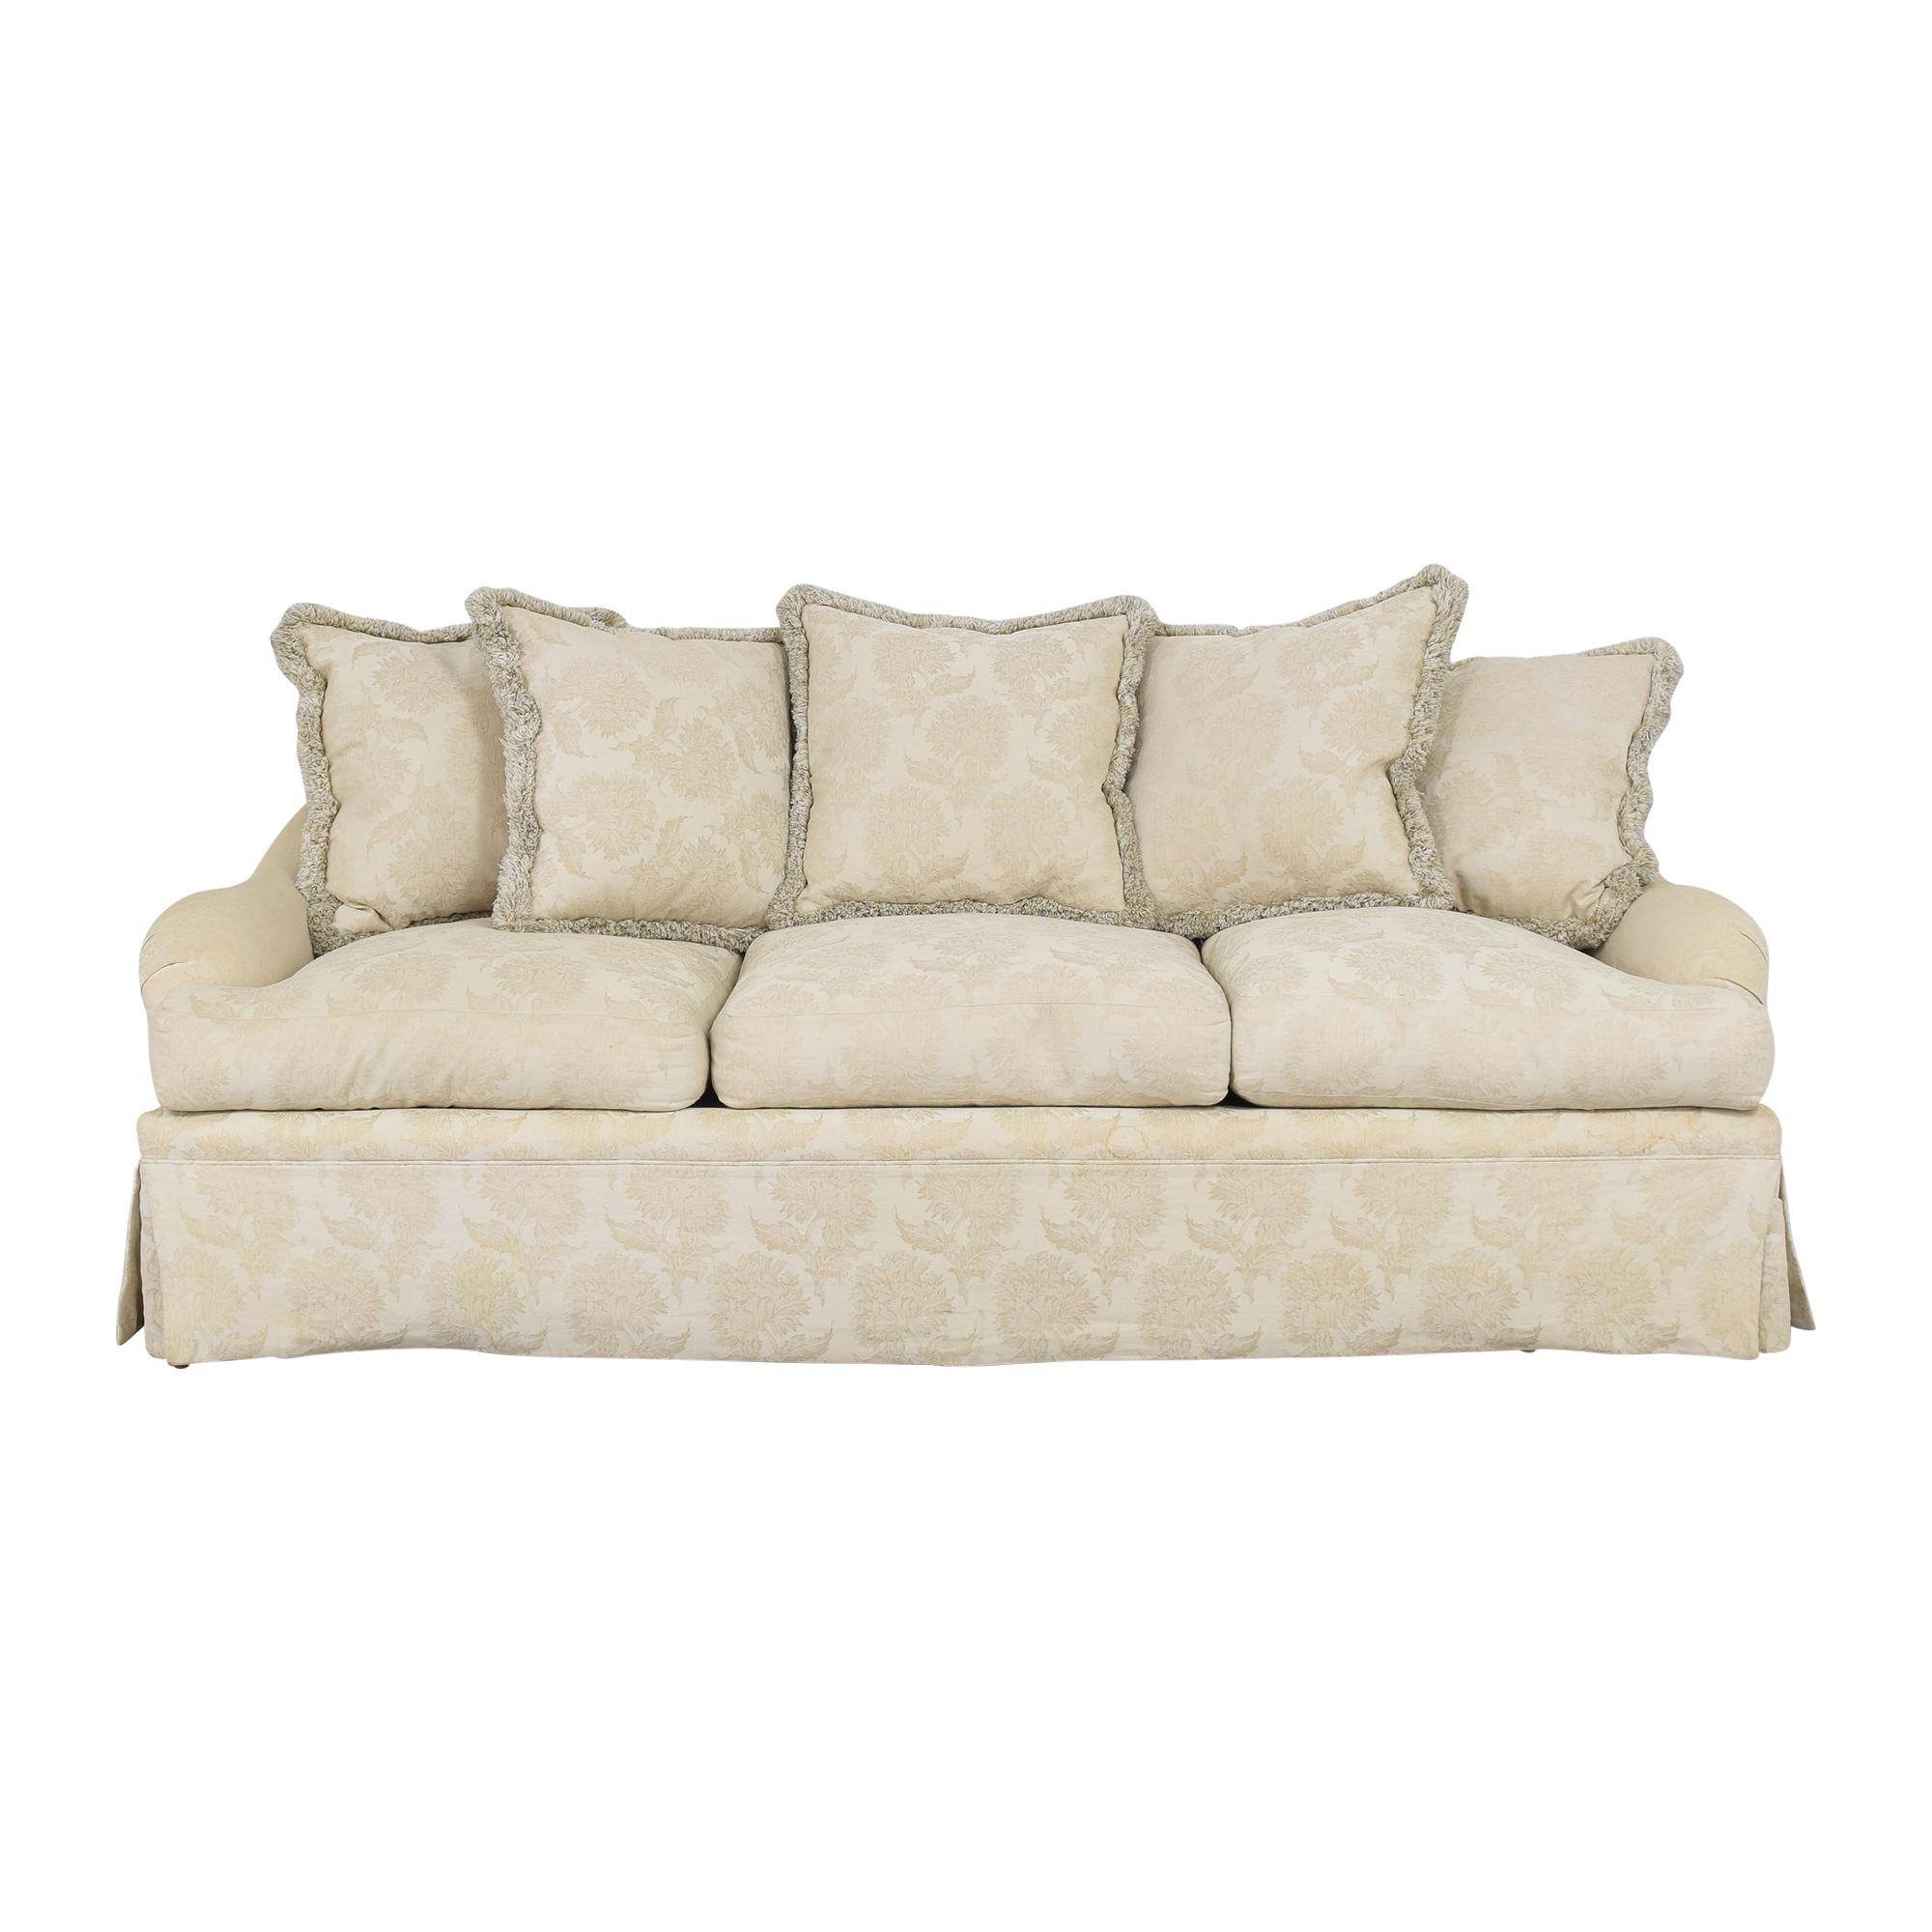 Bloomingdale's Bloomingdale's Three Cushion Skirted Sofa ma